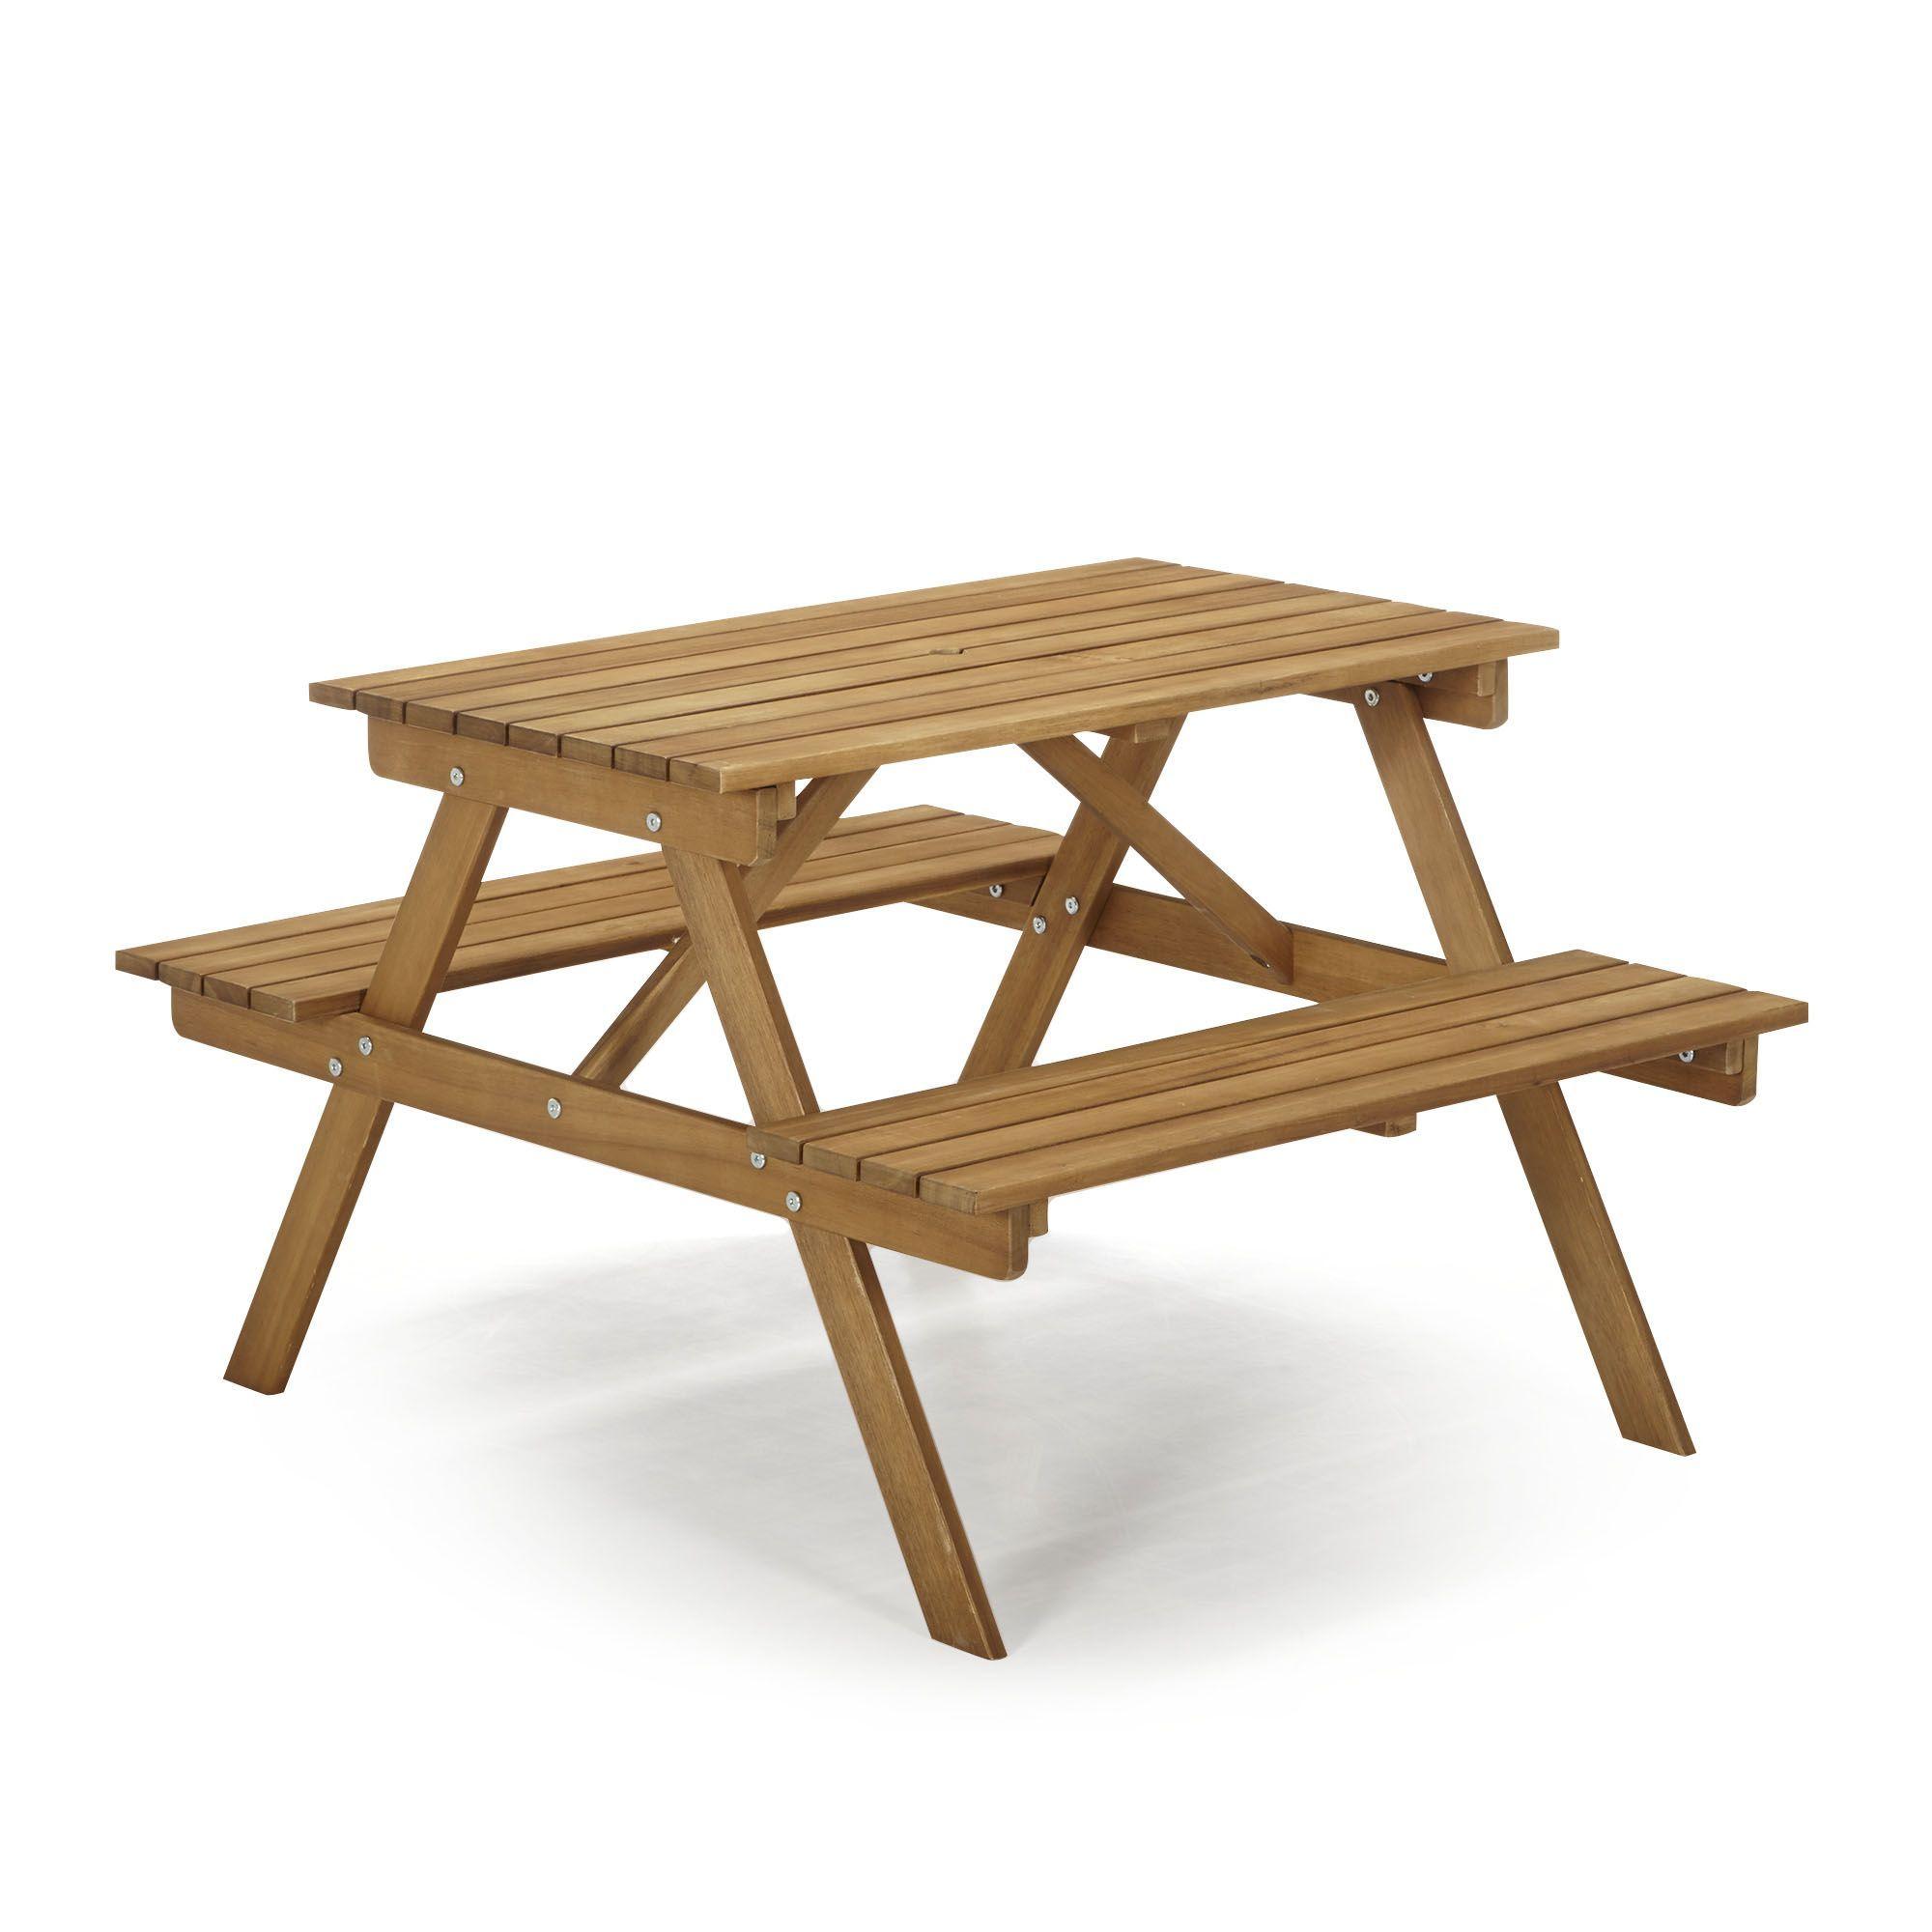 Table De Pique-Nique En Acacia Pour Enfant - Duoti - Les ... serapportantà Table De Jardin Enfants